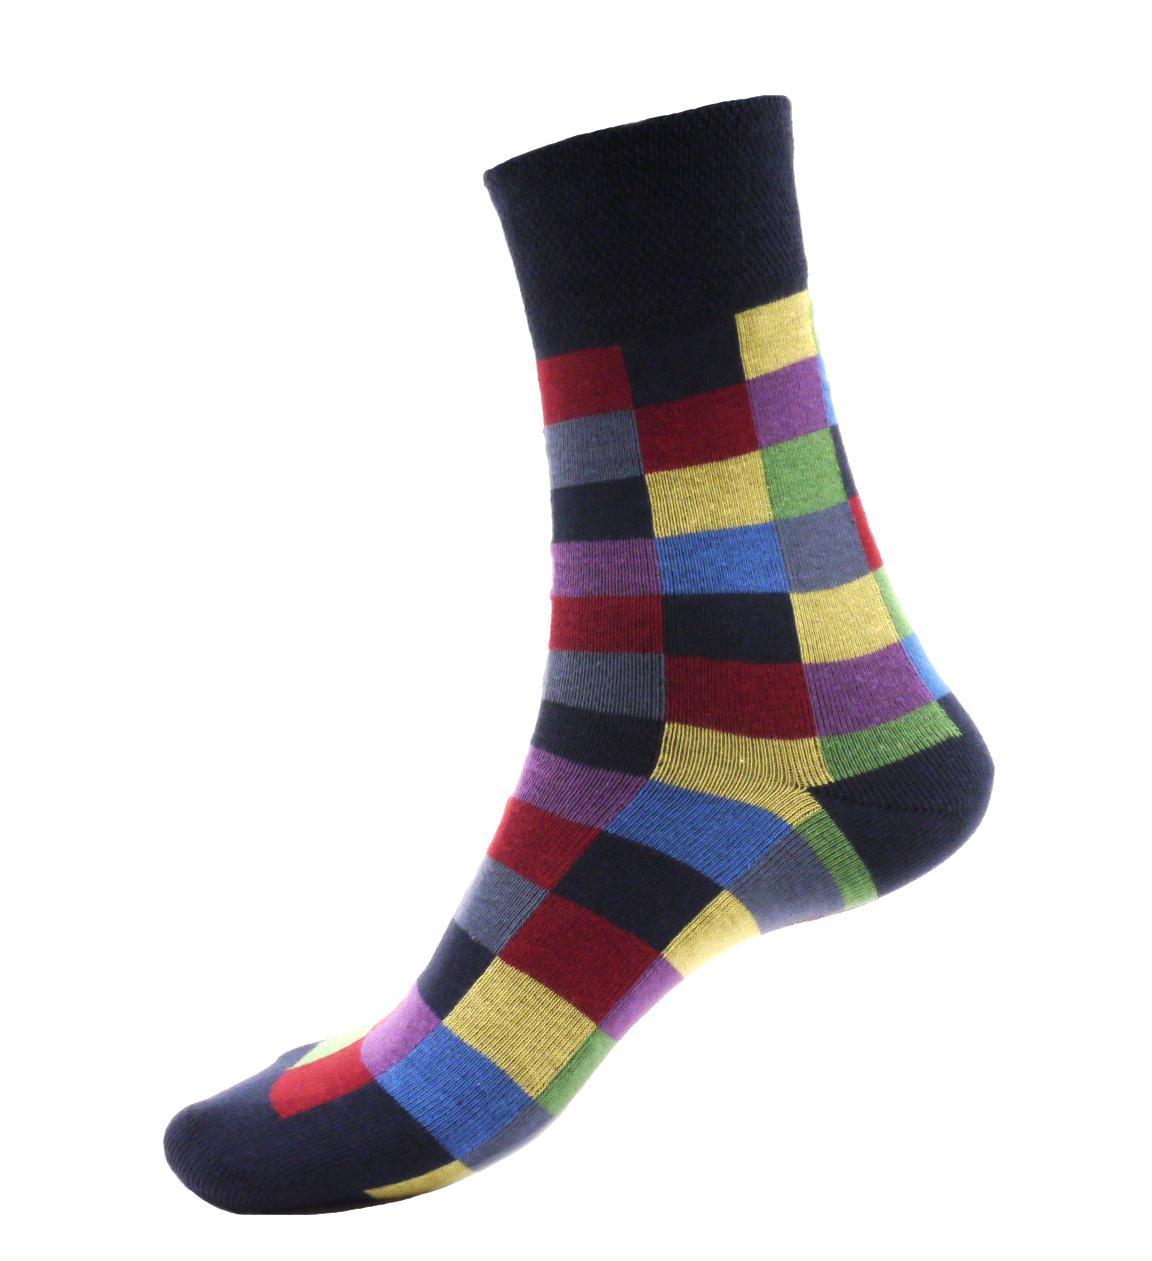 Ponožky - Crazy - Obdélníky - velikost 41-46